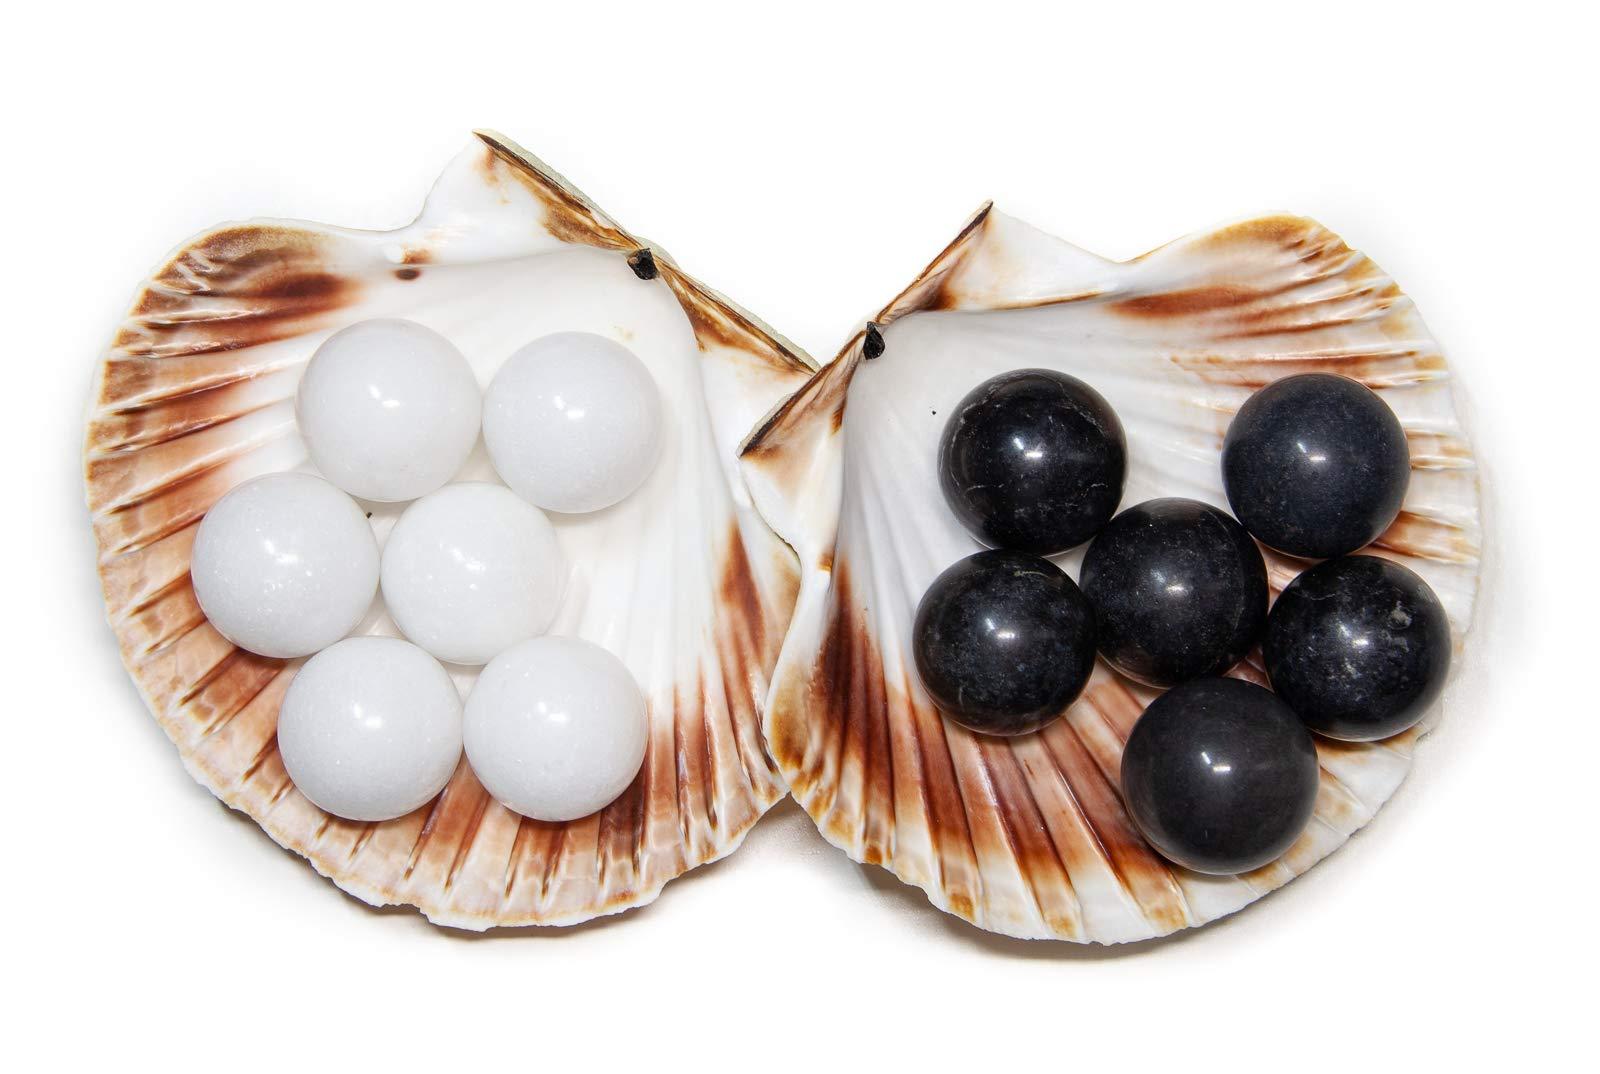 Yuchengstone-10er-Set-Marmorkugel-Marmorkgelchen-wei-oder-schwarz-Stilvolles-Wohnaccessoire-Dekolement-Marmor-Kugel-Bllchen-Blle-aus-Naturstein-Mae–30-mm-Gewicht-Pro-Stck-ca40g